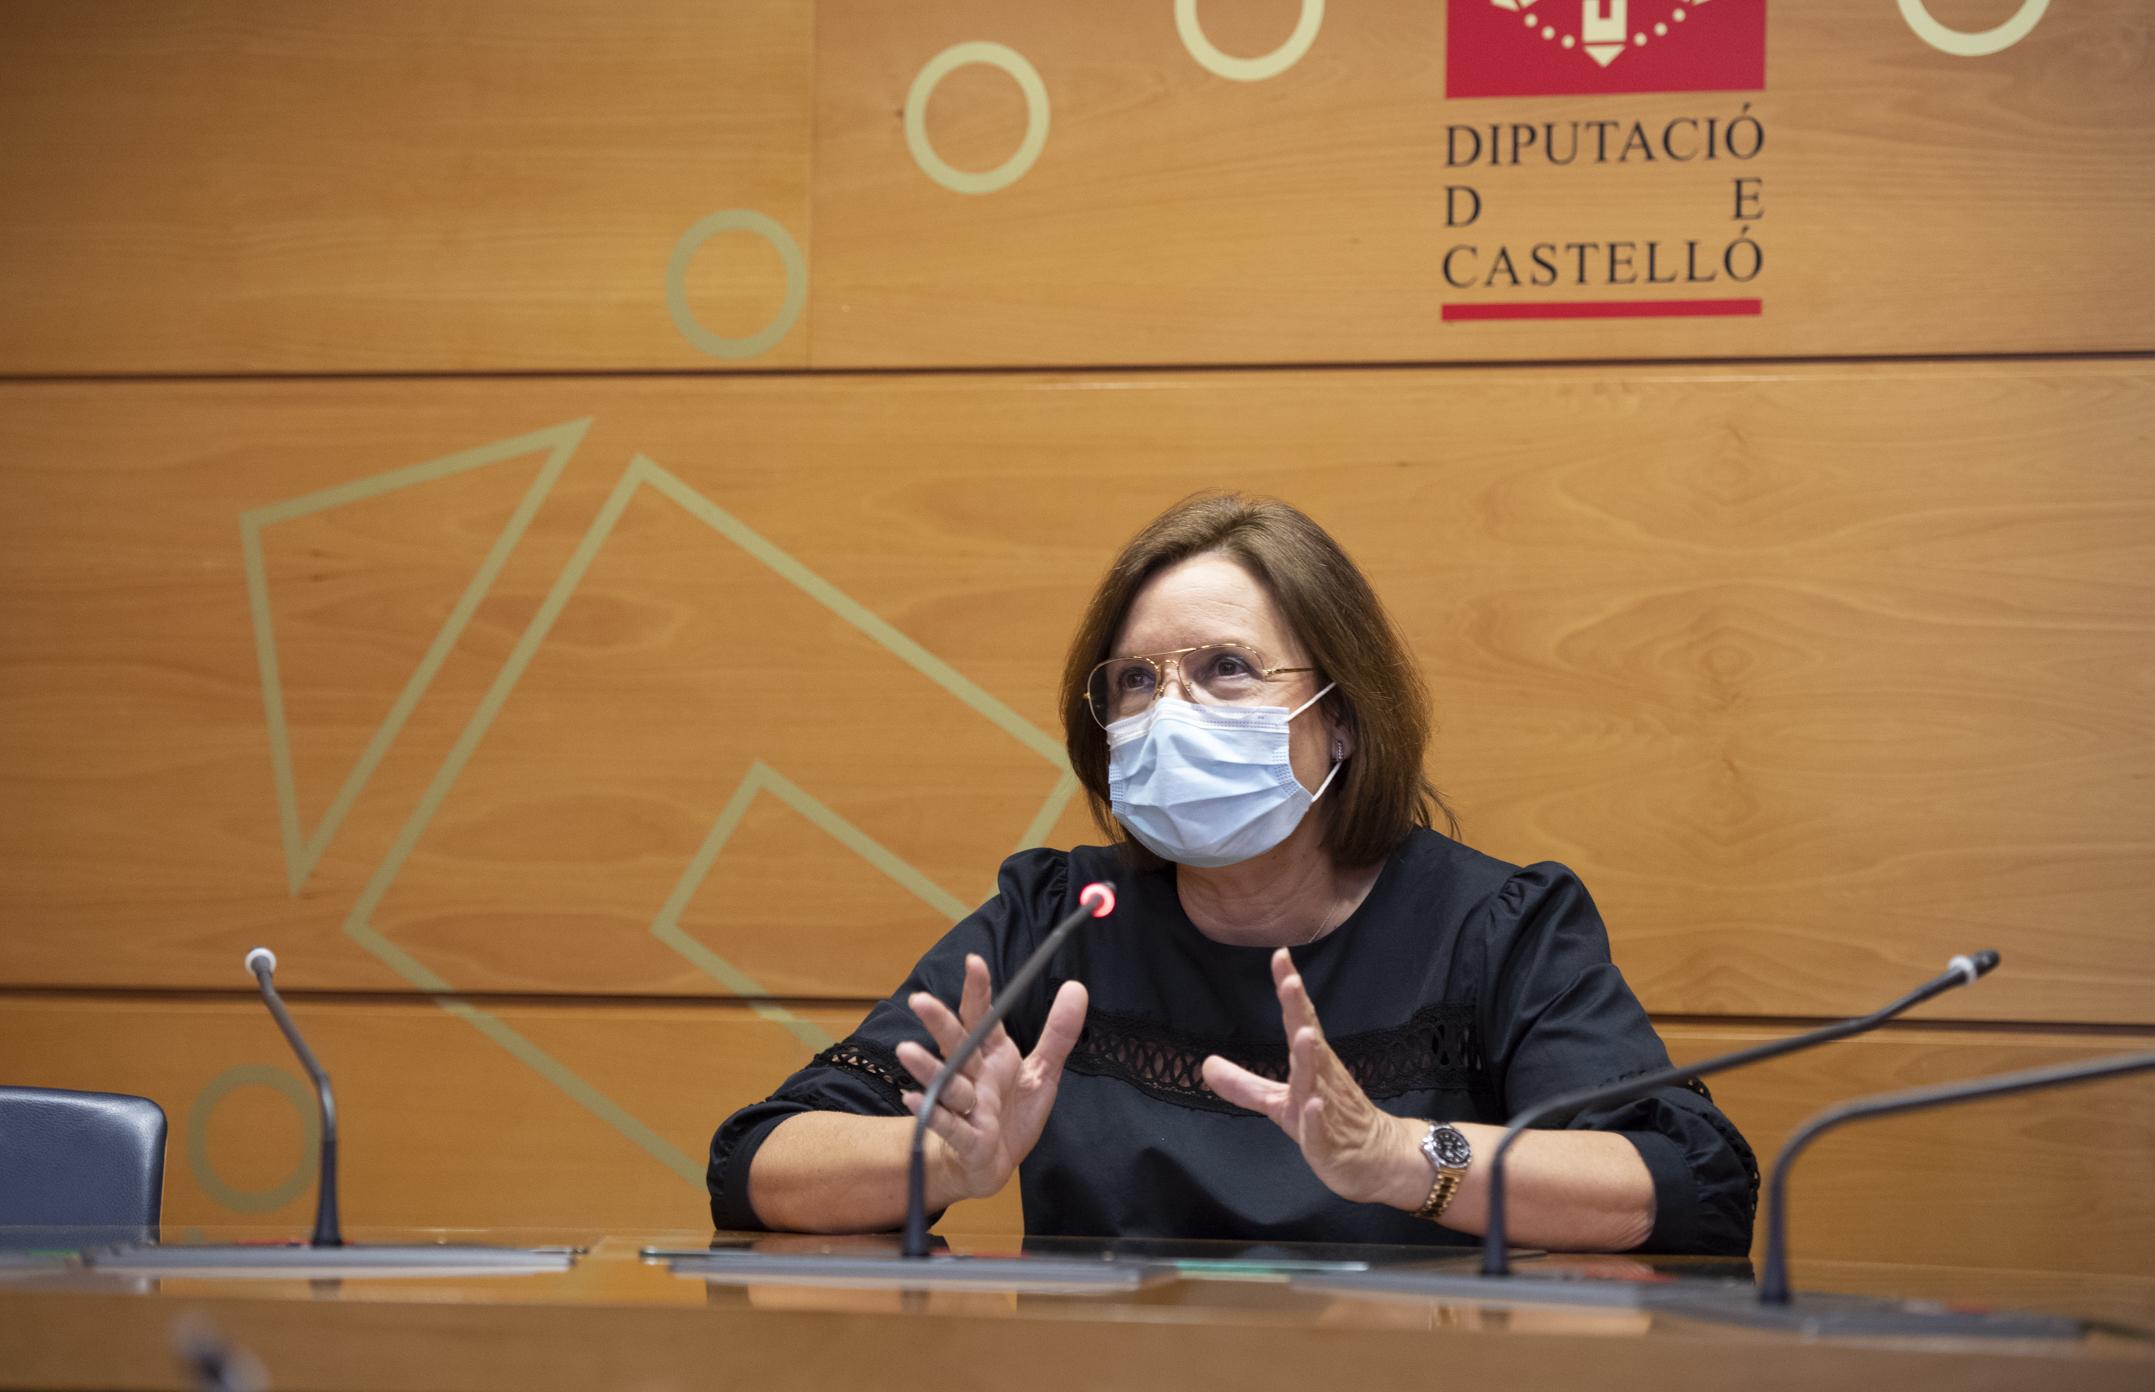 Miralles defiende la reutilización de los datos abiertos de Castellón para crear oportunidades y mejorar los servicios públicos